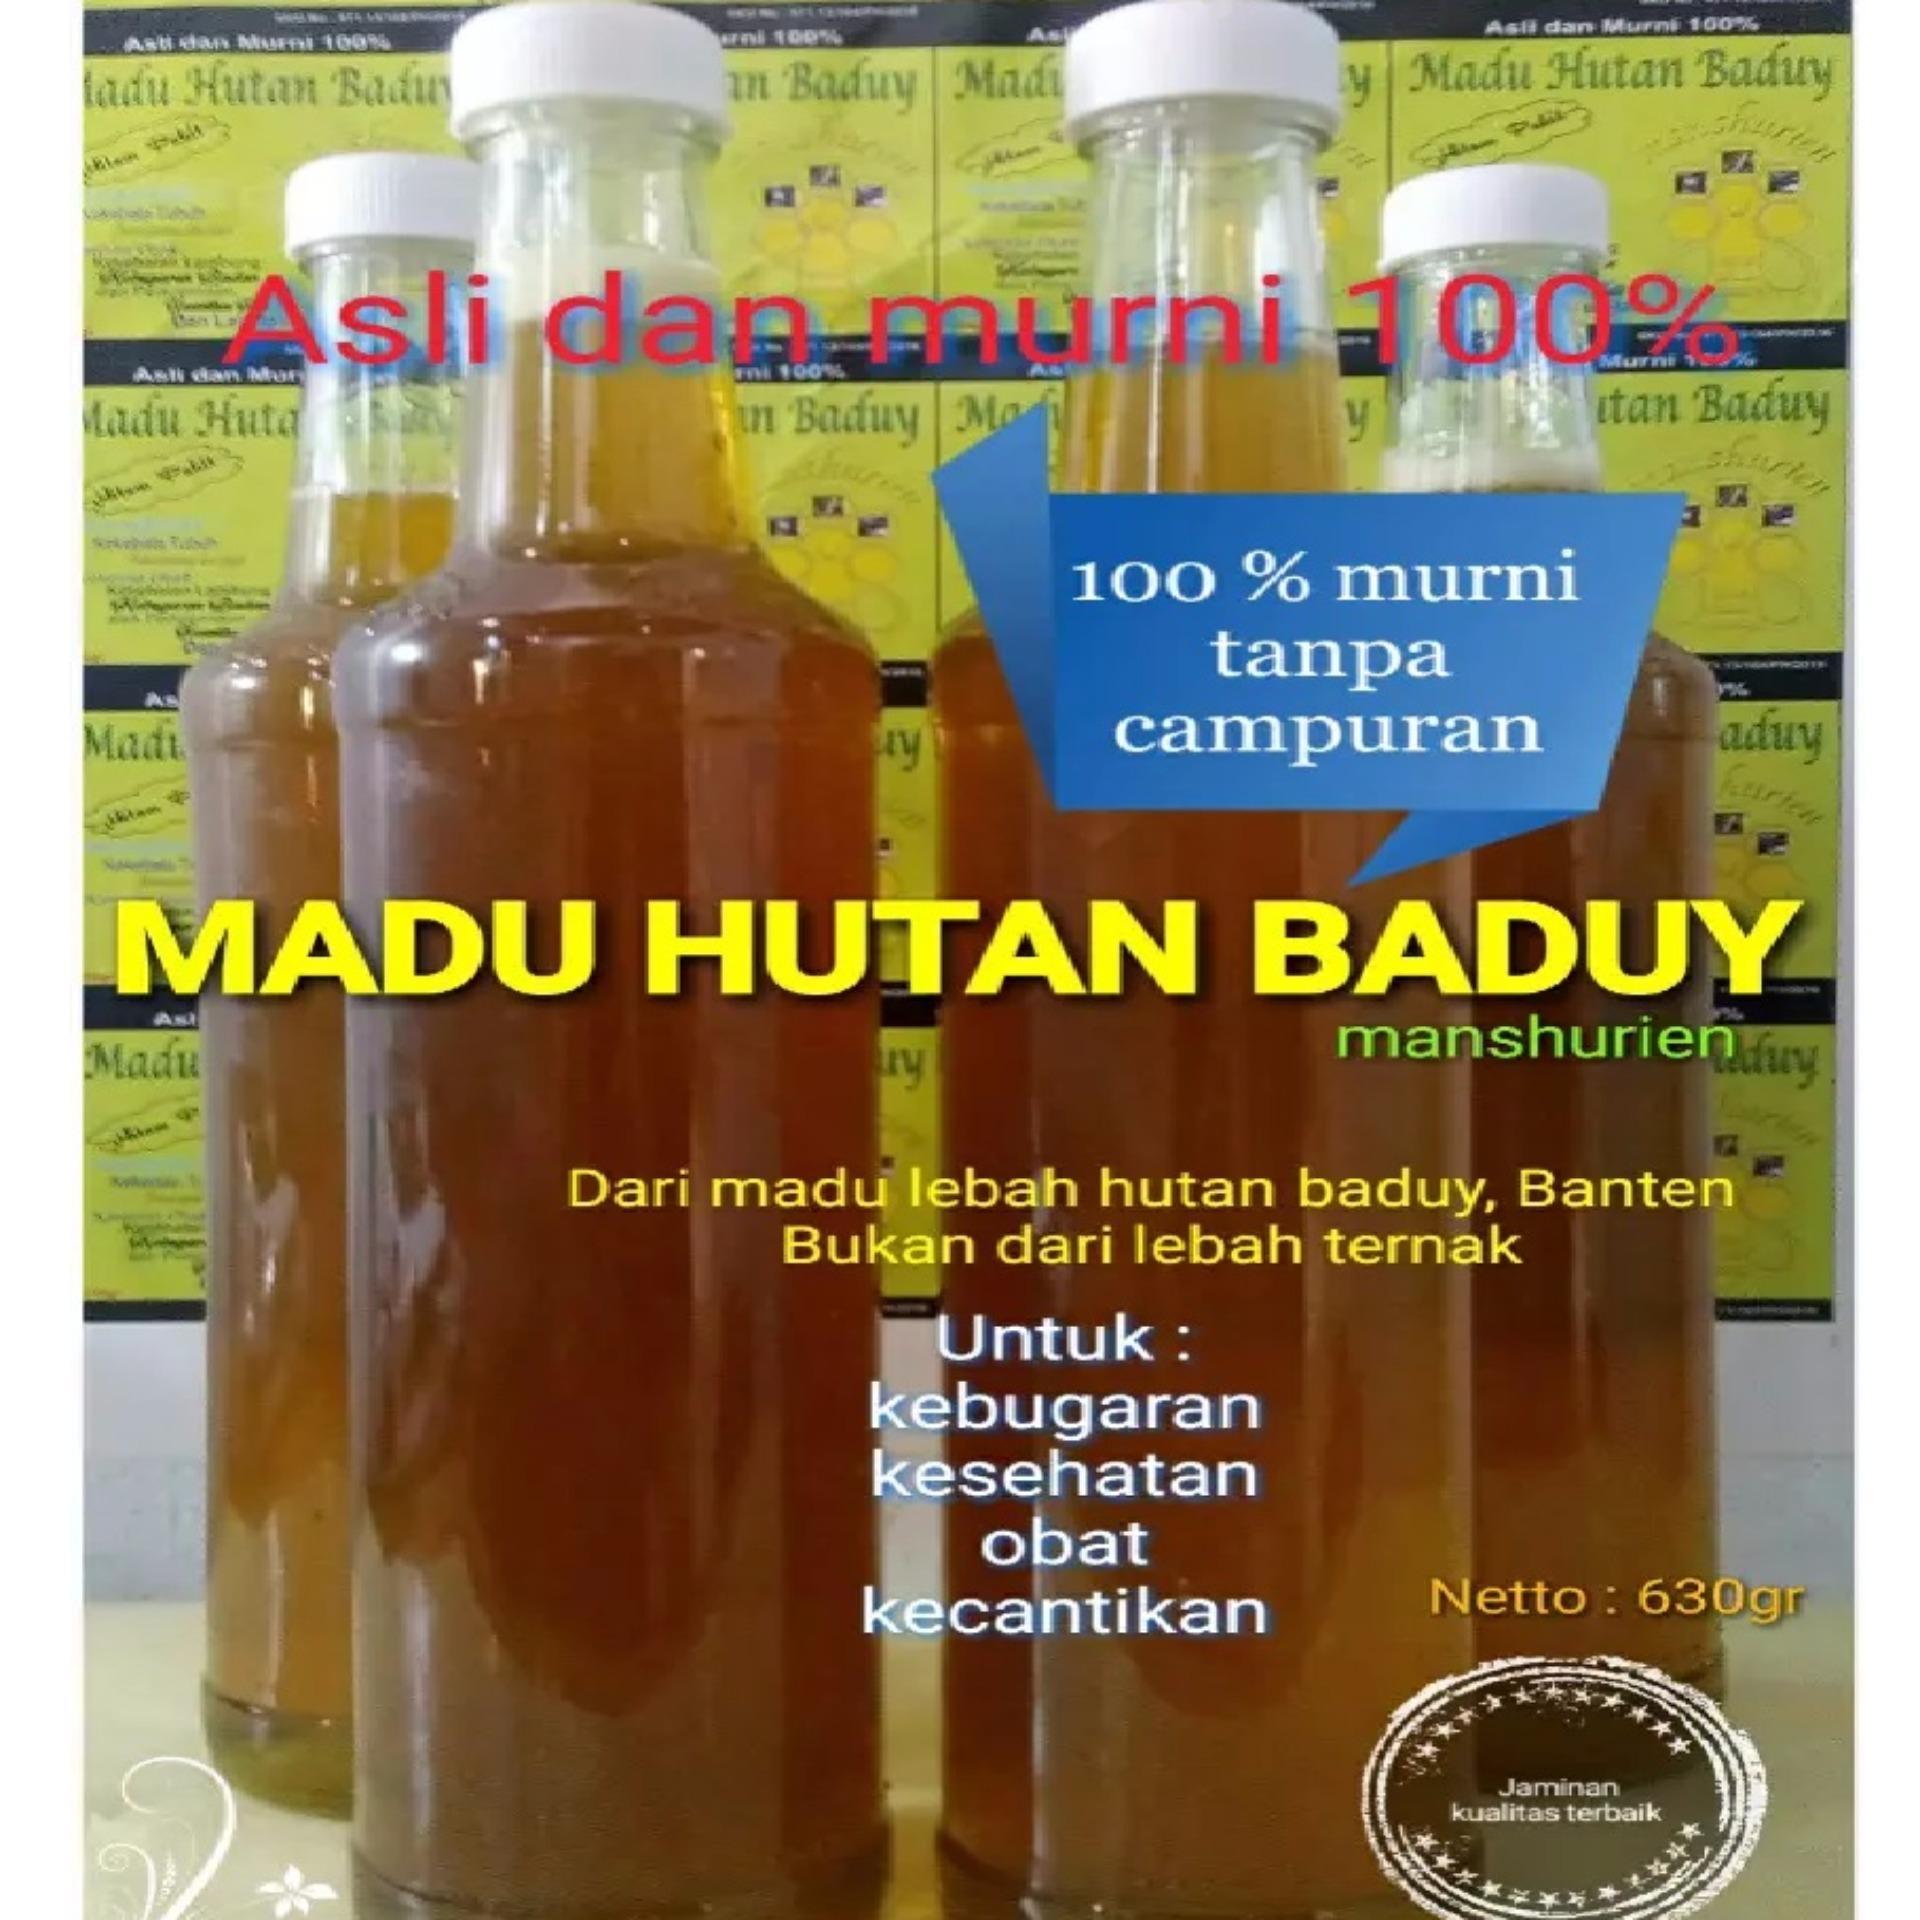 Madu Hutan Baduy 100 Murni Dan Asli Daftar Harga Terlengkap Suku Banten Curah Manis 5kg Odeng